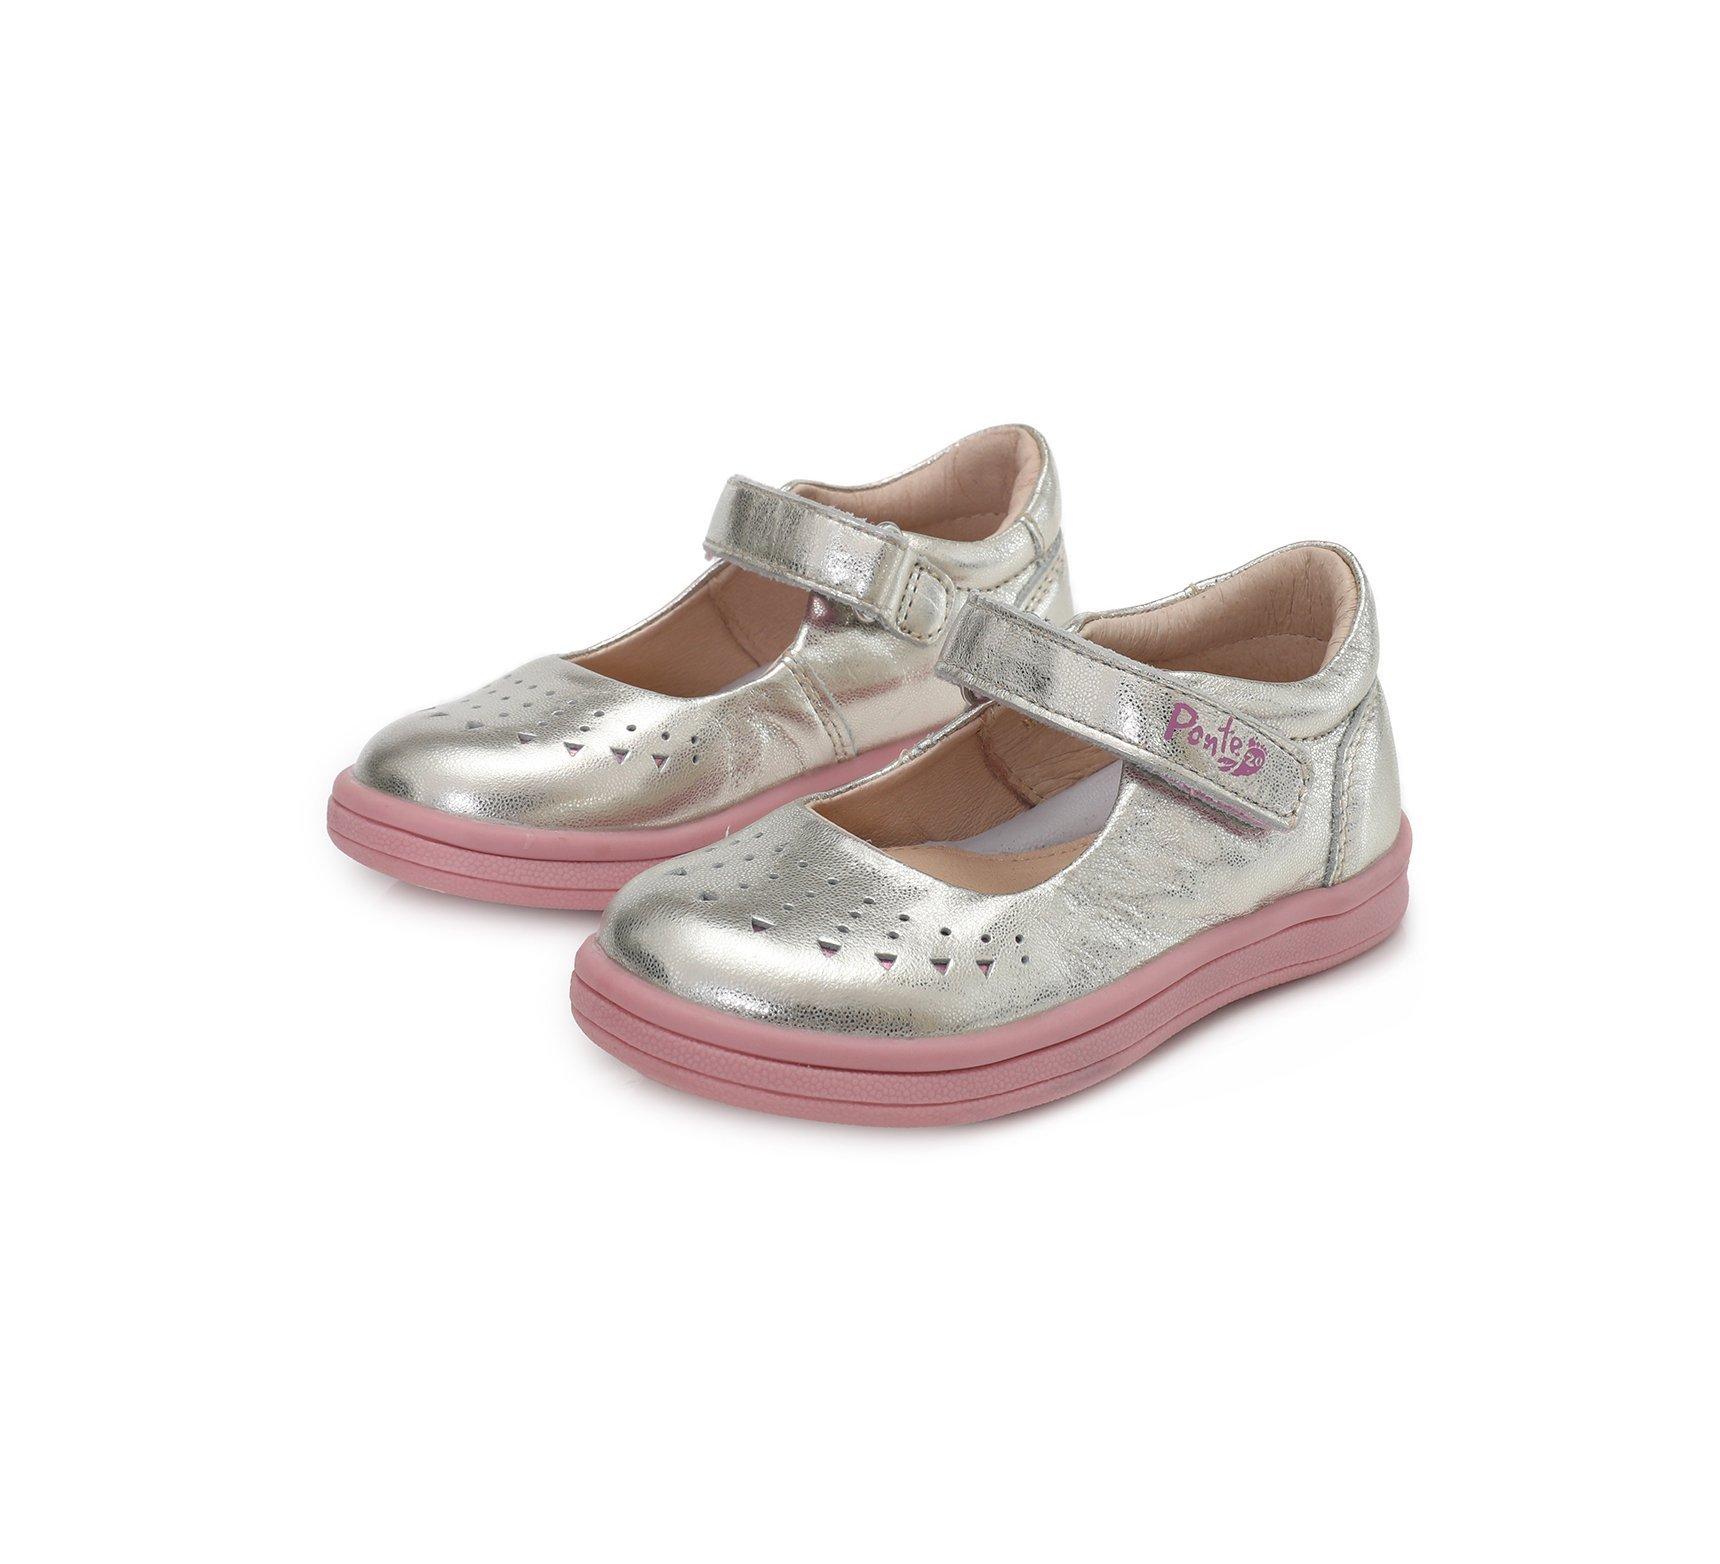 Shoes Ponte20 DA03-1-389